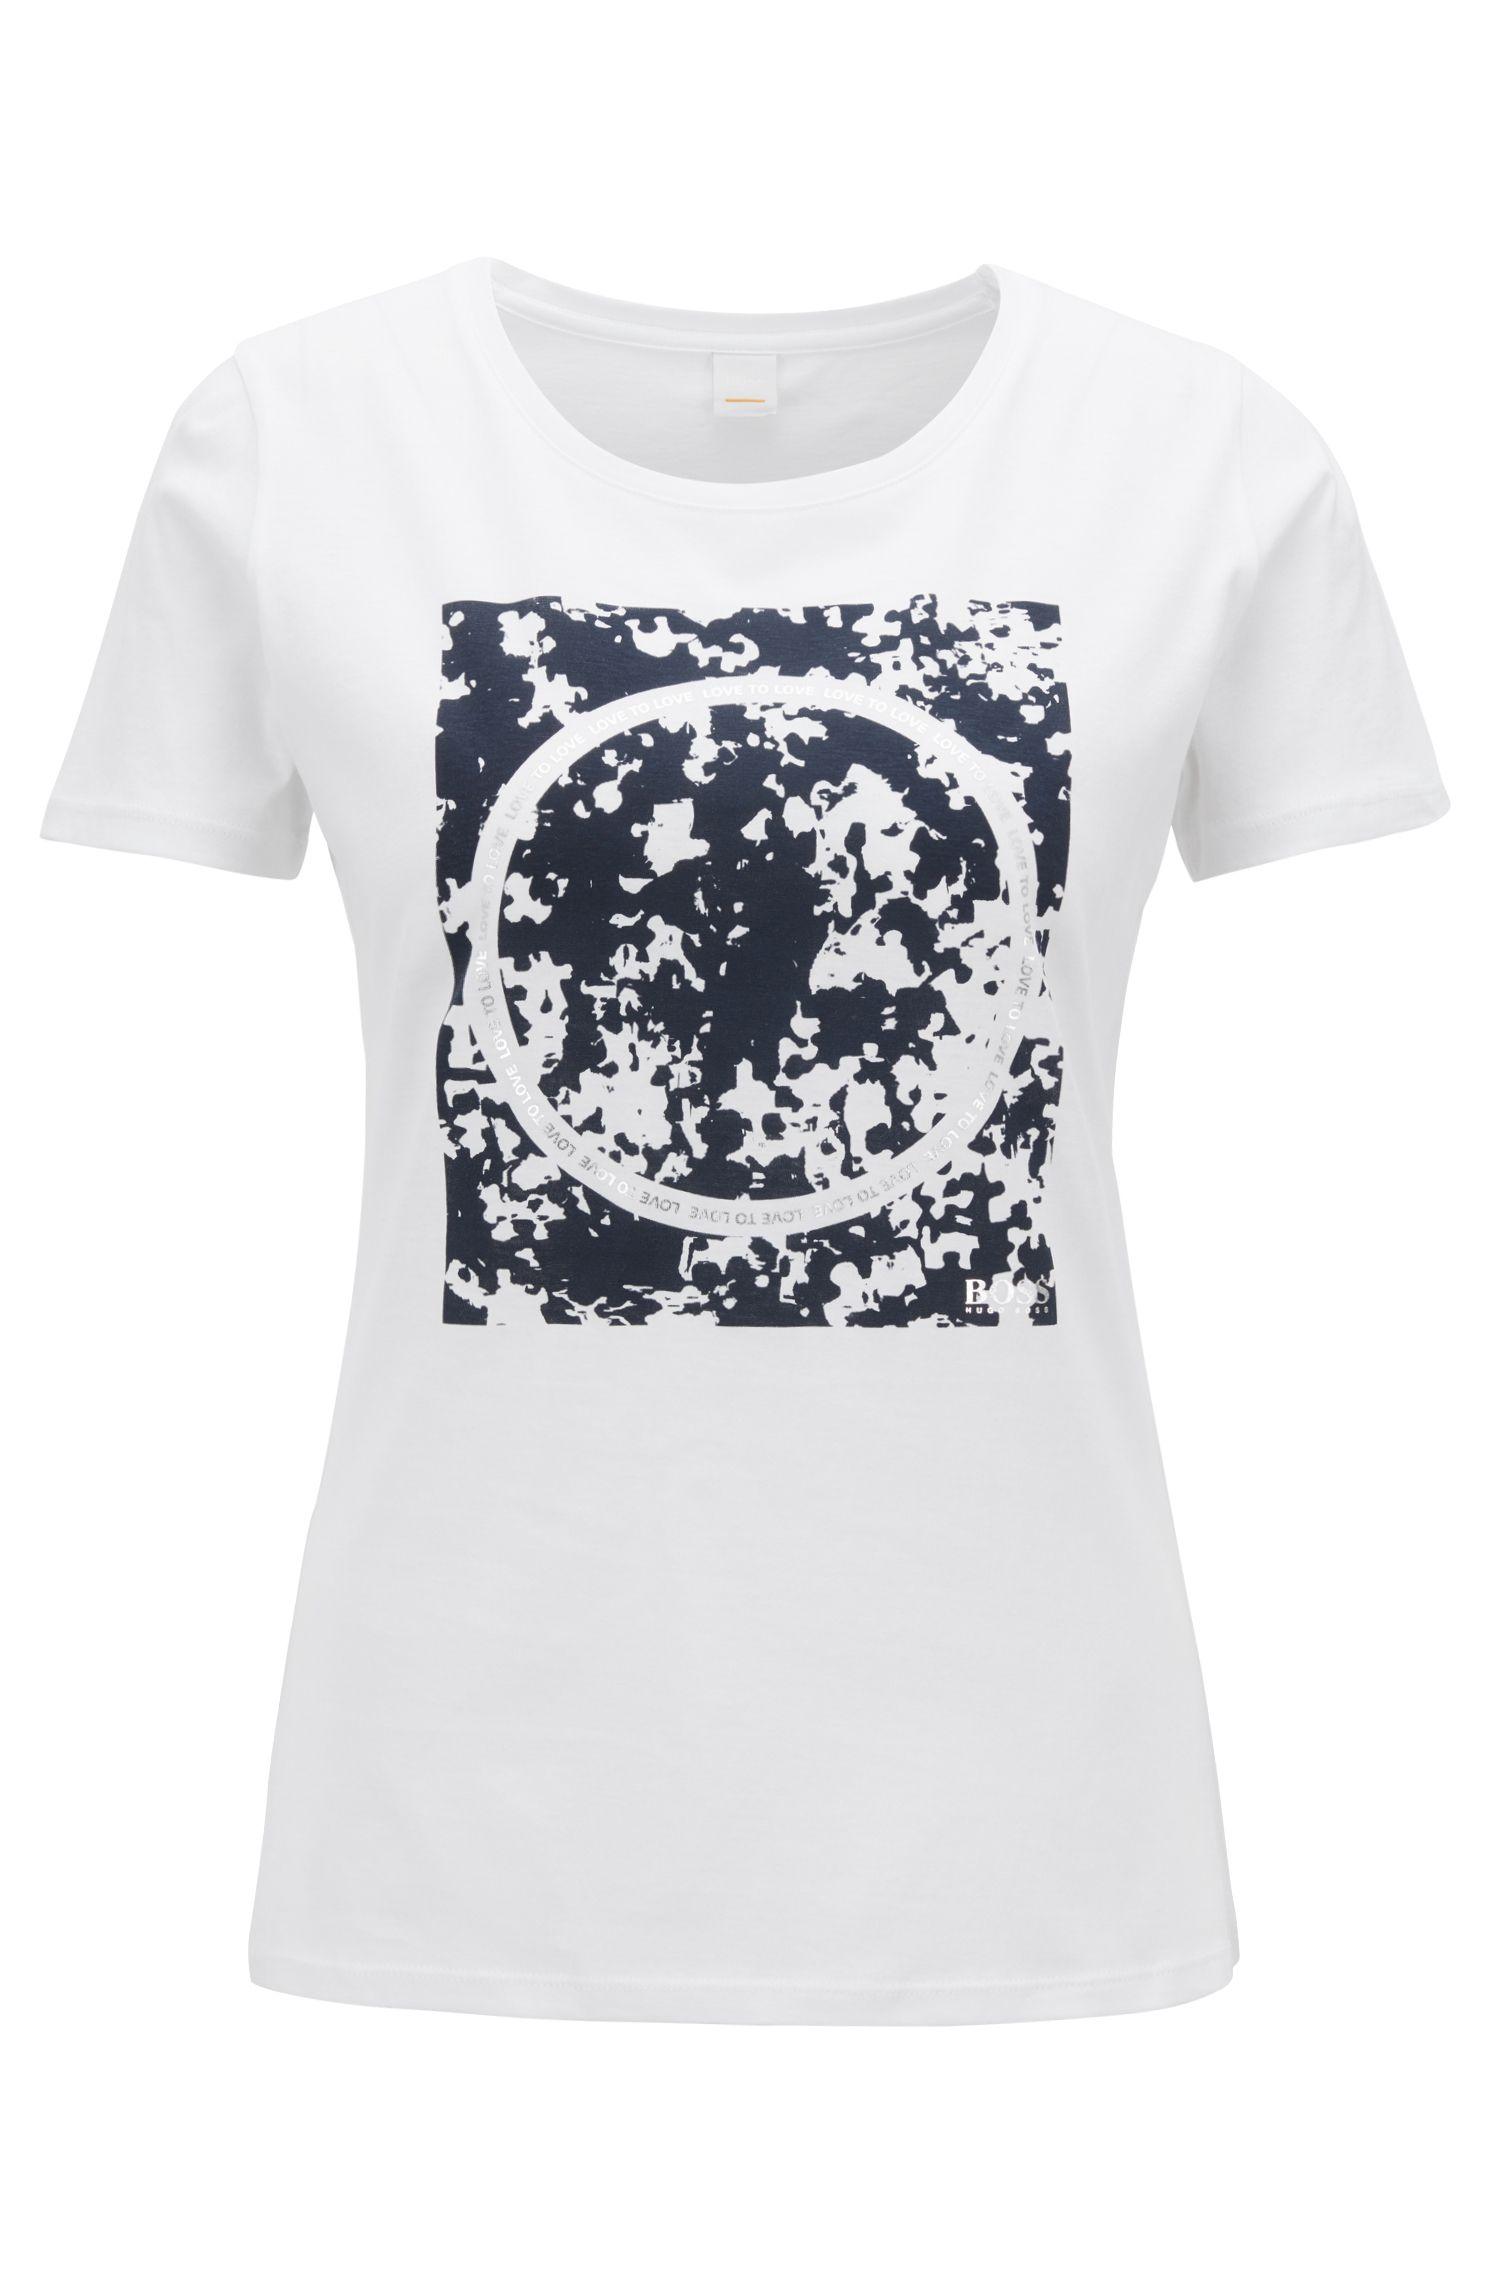 T-shirt slim fit in cotone con stampa grafica mista, Bianco